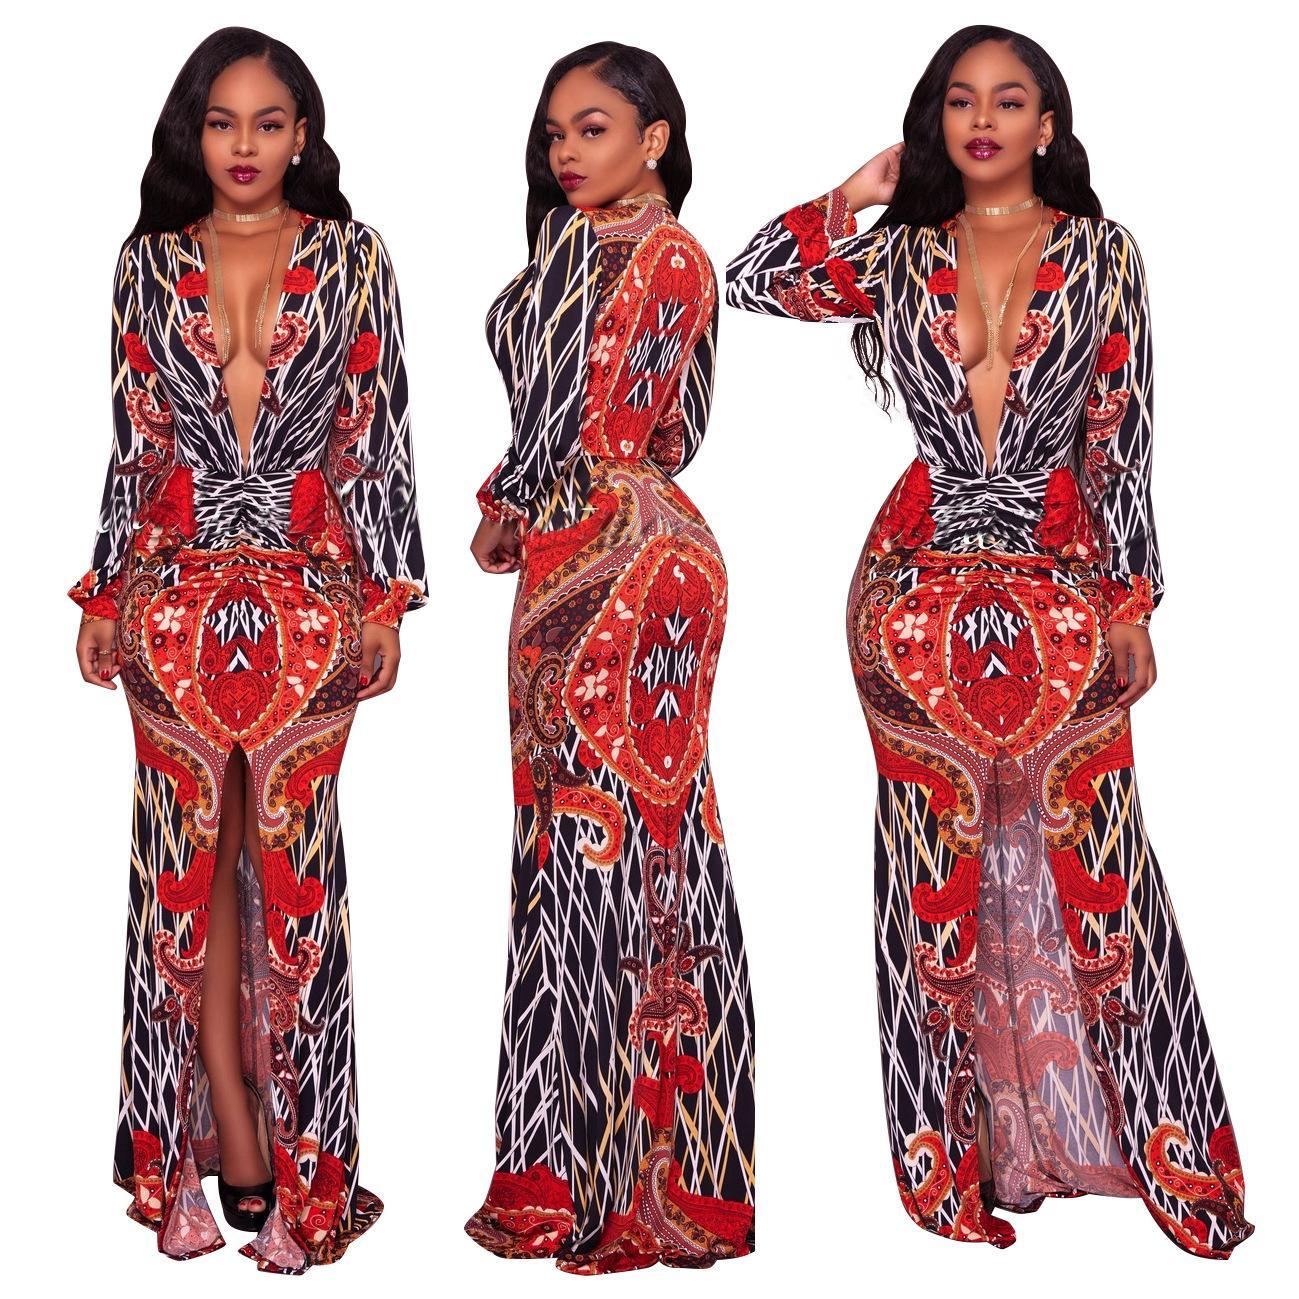 플러스 사이즈 여성 플로랄 프린트 보호 롱 맥시 드레스 새로운 딥 브이넥 풀 슬리브 하이 스플릿 드레스 나이트 파티 베스 티드